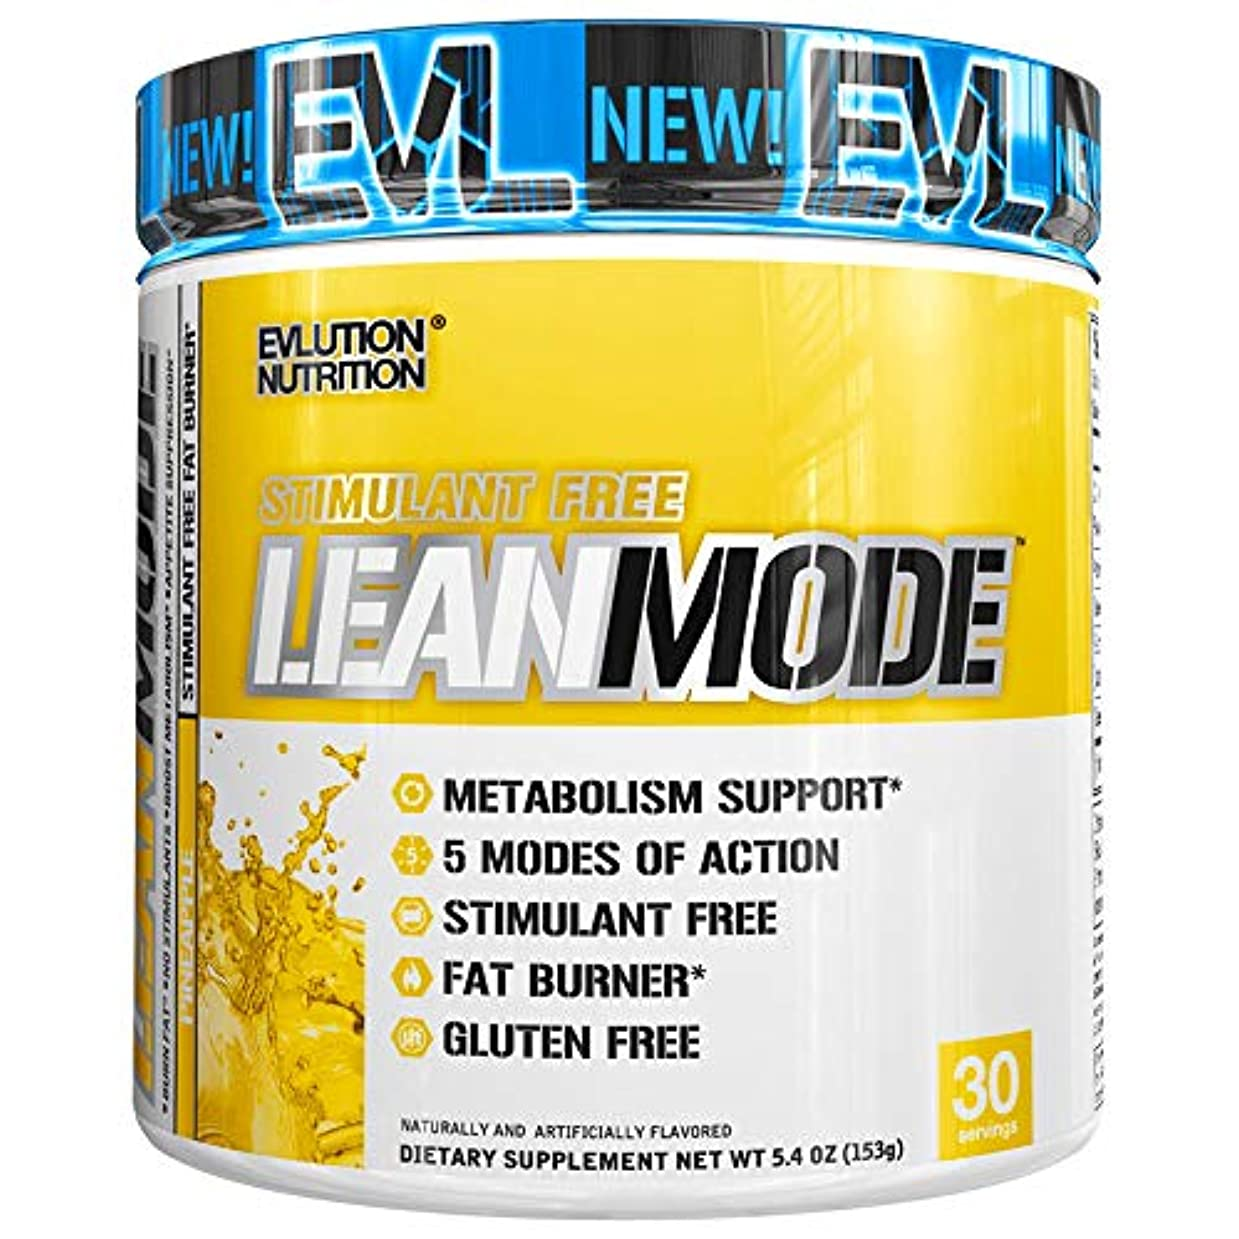 苦痛意図マダムLeanMode リーンモード パイナップル味 Evlution Nutrition(エボリューションニュートリション)30回分 153g[海外直送品]